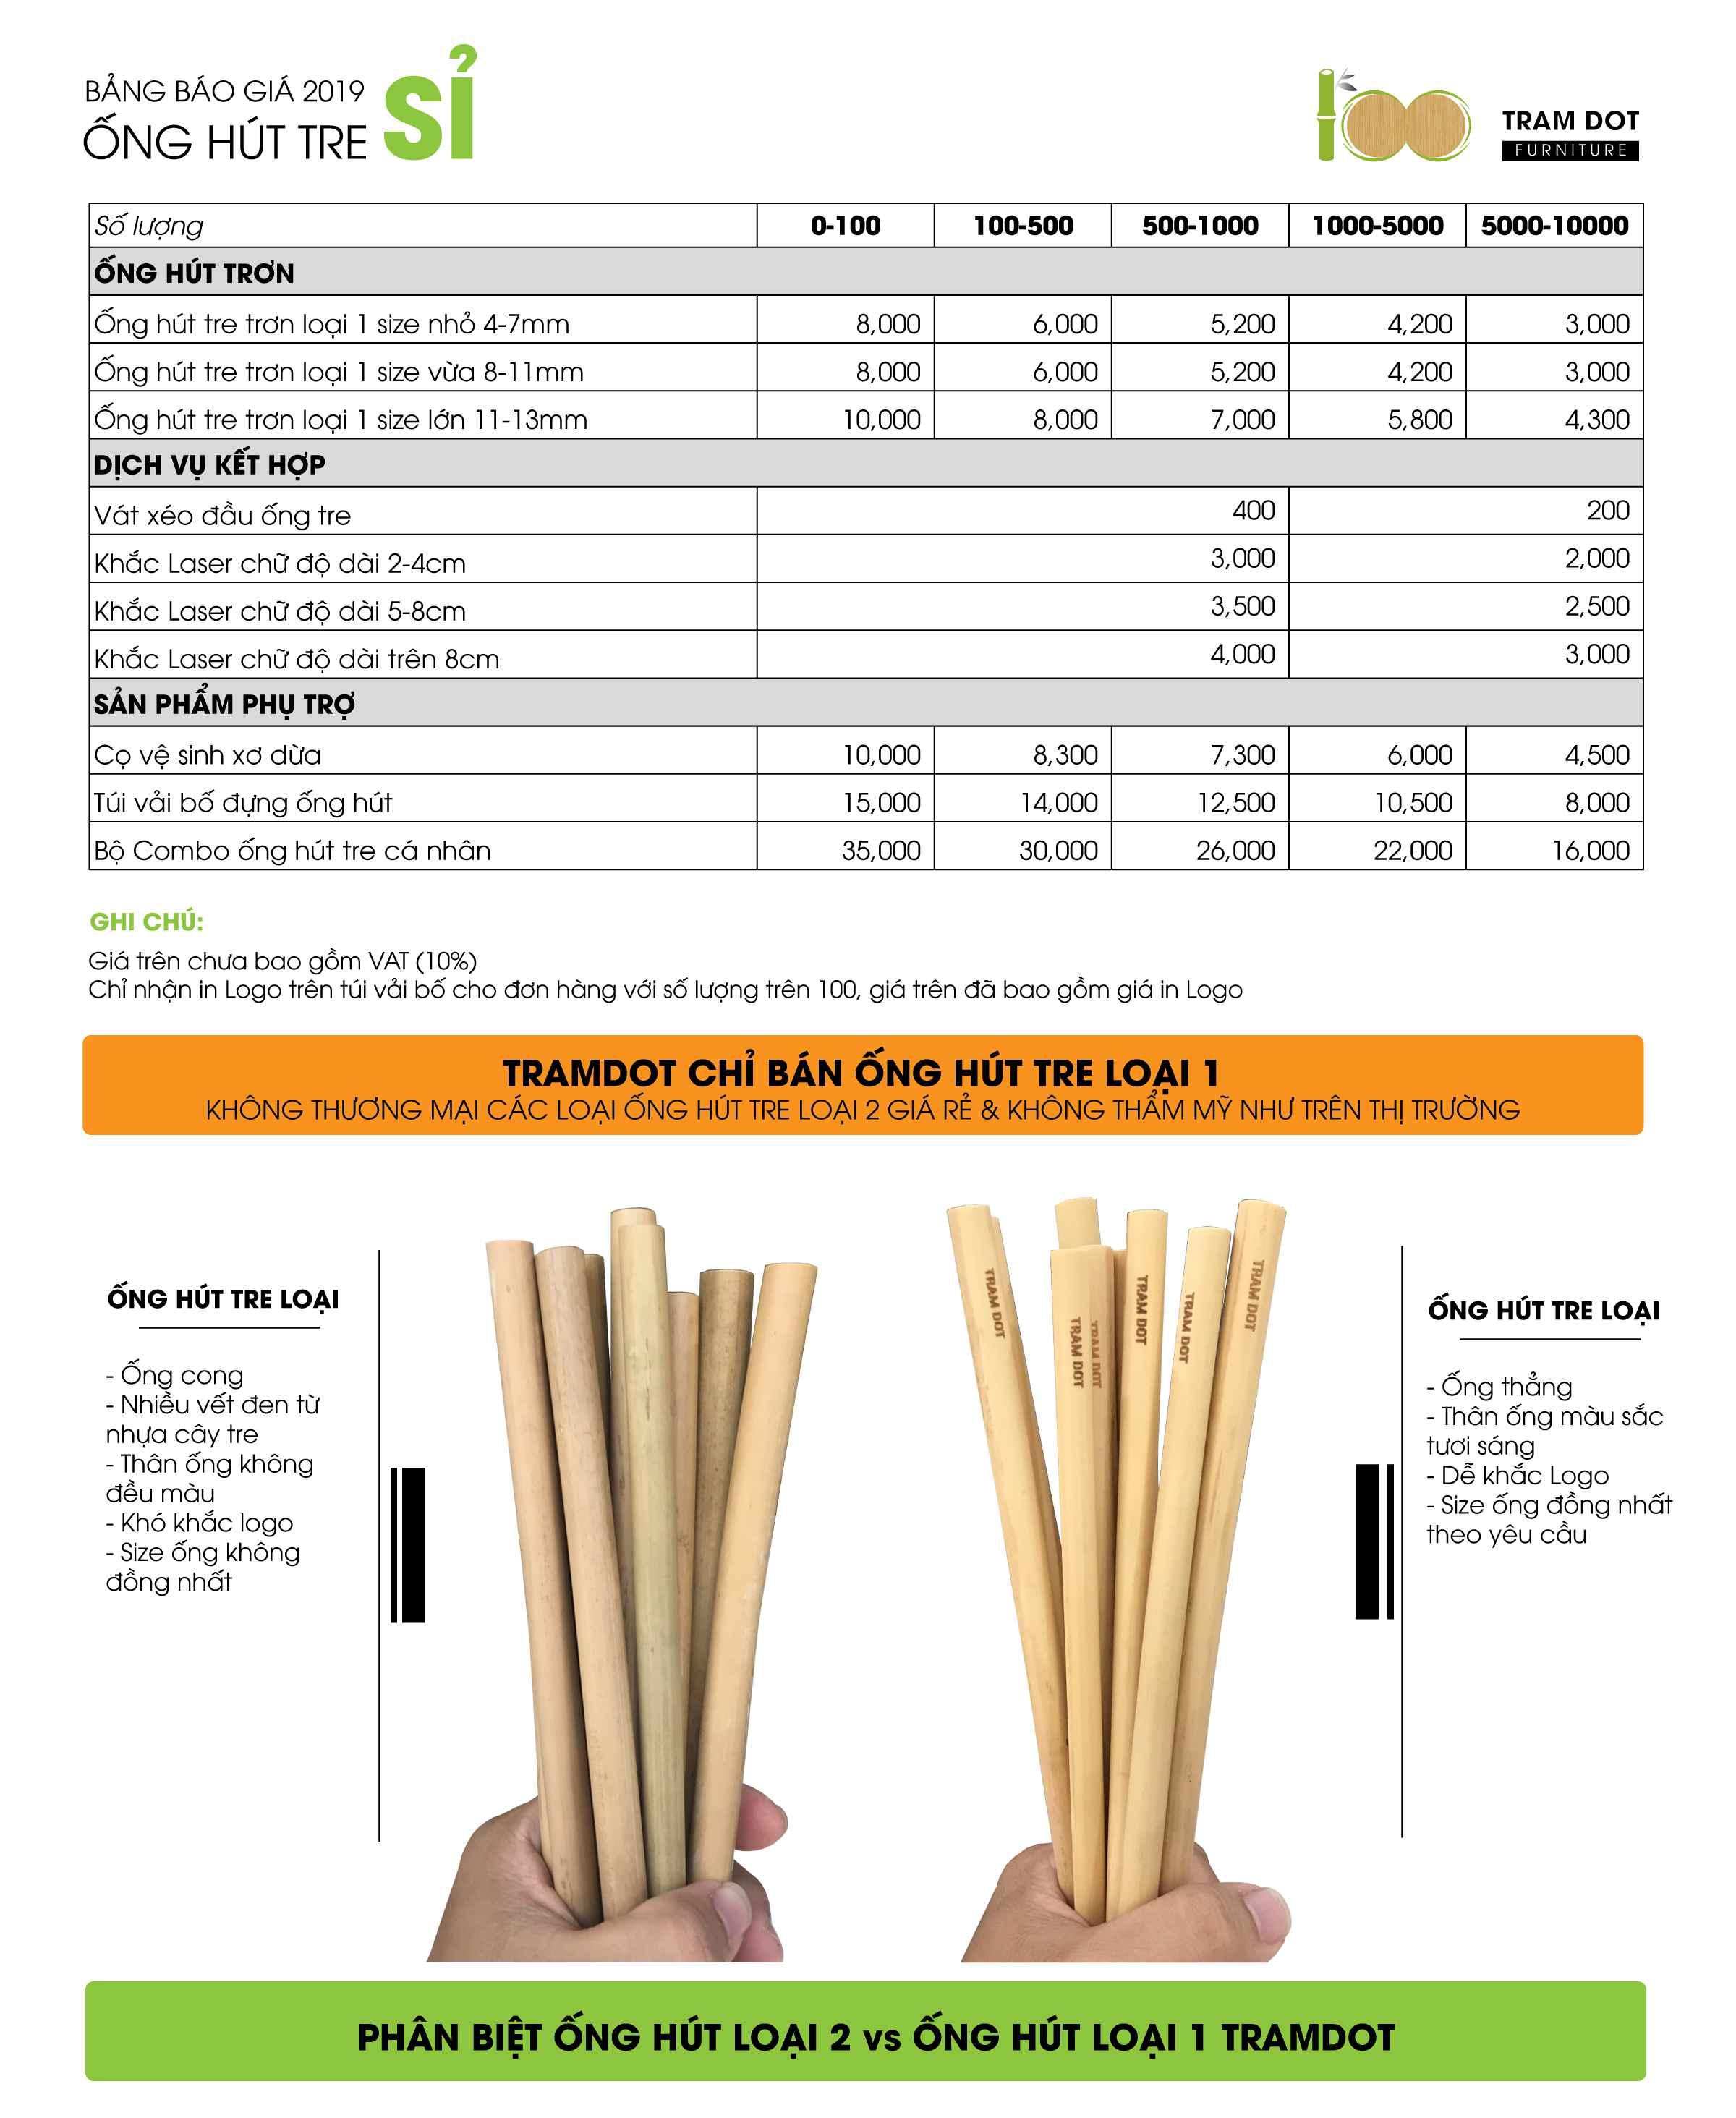 Bảng chào giá sỉ ống hút tre loại 1 TRĂM ĐỐT Furniture 2019